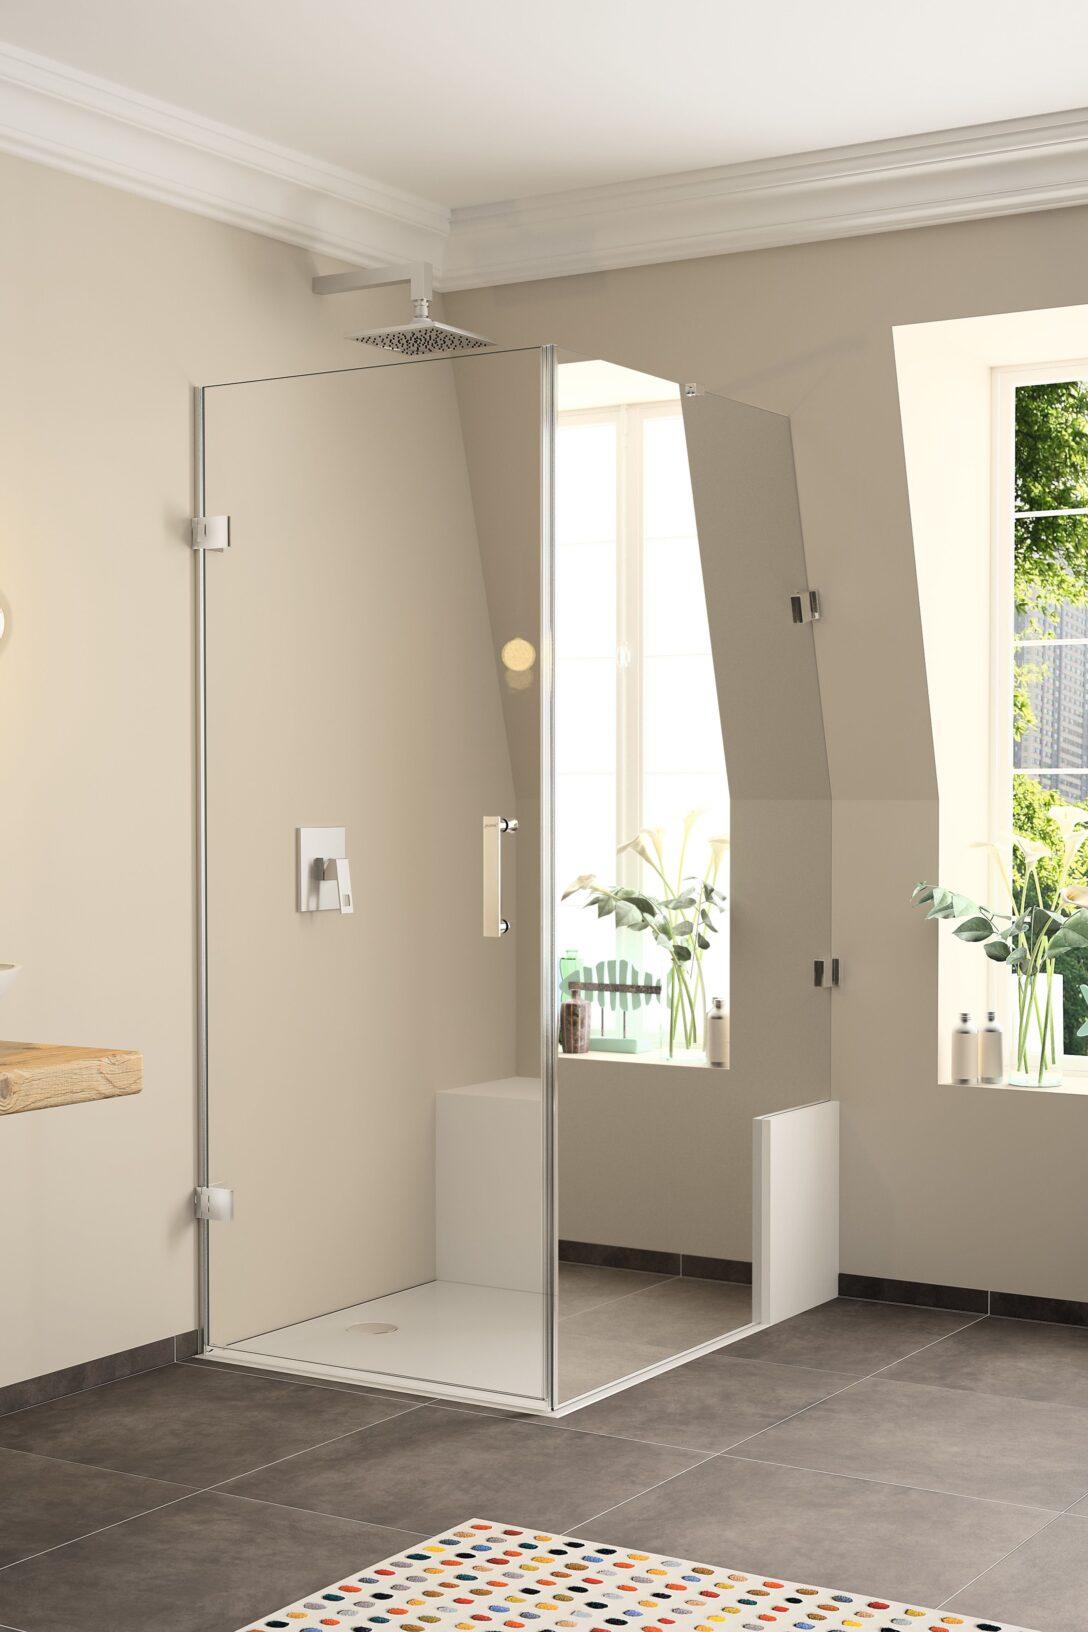 Large Size of Schtzen Sie Schlichte Eleganz Kombiniert Mit Ausgefeilter Technik Hüppe Duschen Moderne Begehbare Kaufen Schulte Sprinz Dusche Bodengleiche Werksverkauf Dusche Hüppe Duschen